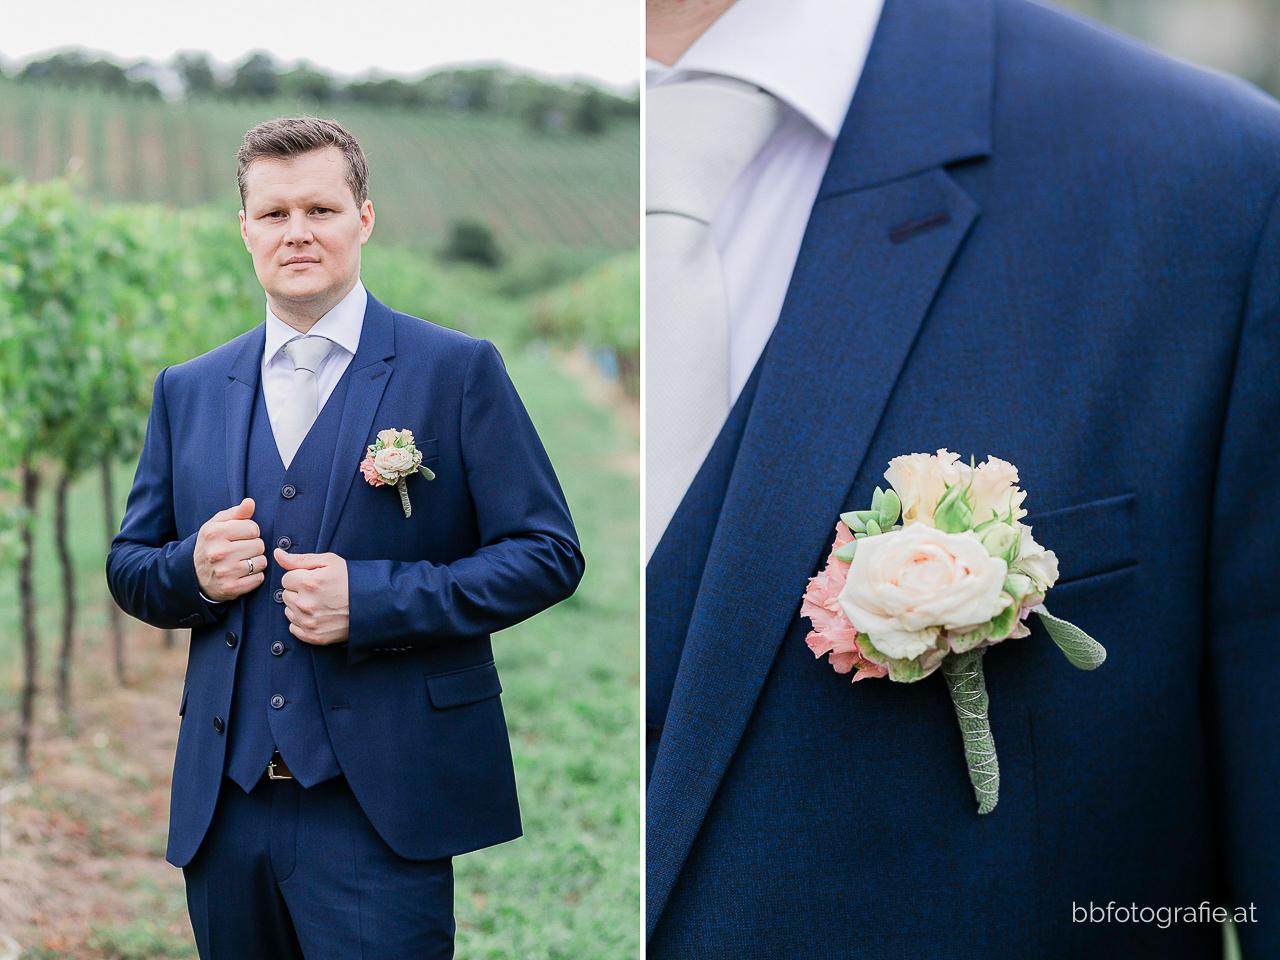 Hochzeitsfotograf, Hochzeitsfotograf Wien, Hochzeitslocation Wien, Bräutigam, Hochzeitslocation Heuriger Wolf, Hochzeit in Neustift, Weinberge, b&b fotografie